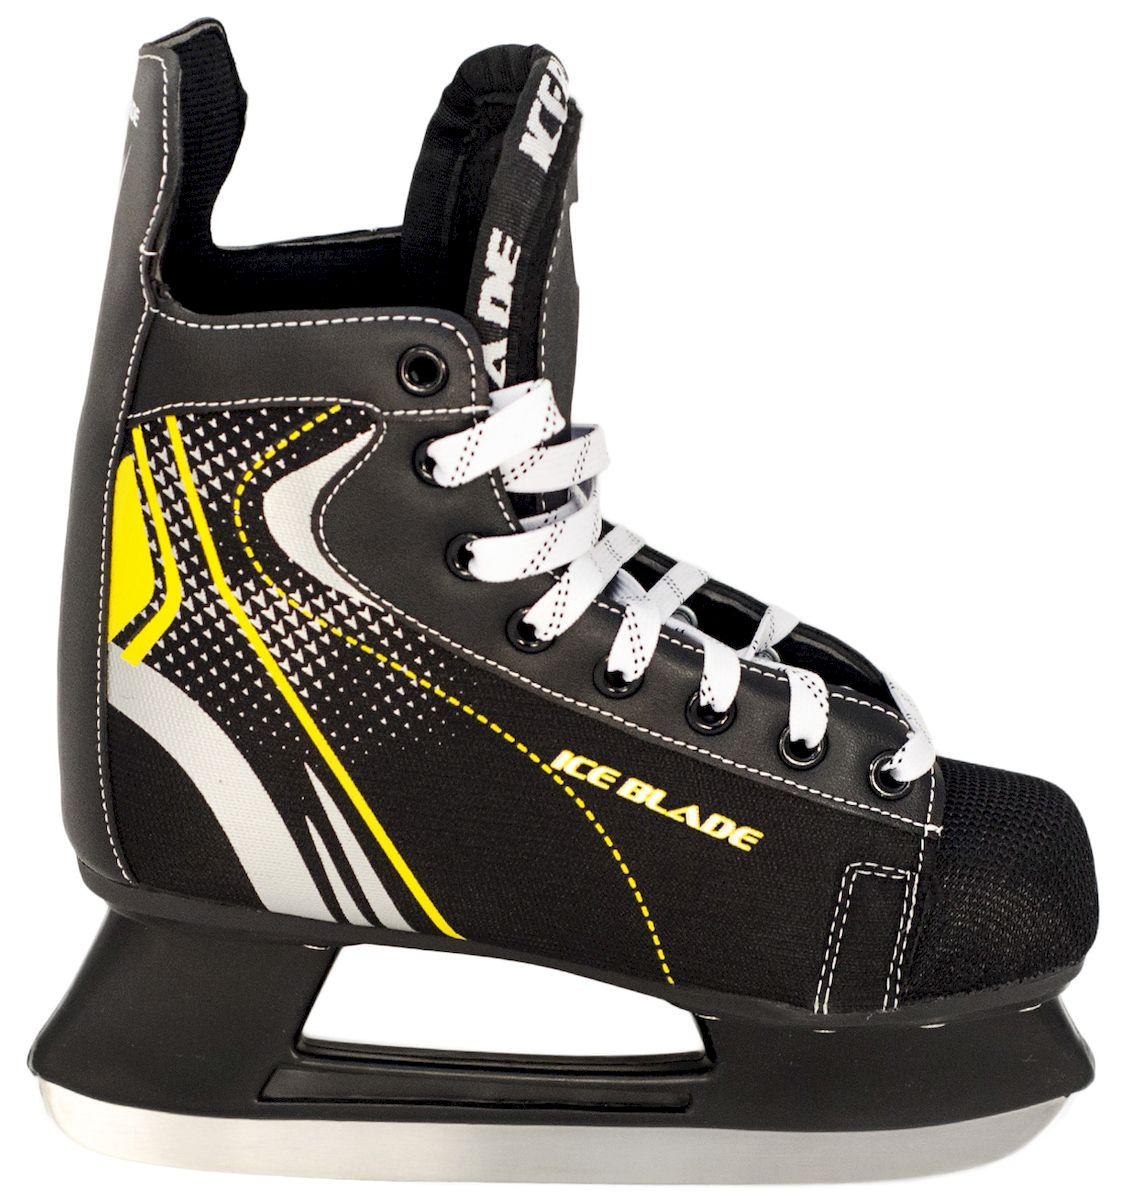 Коньки хоккейные Ice Blade Shark, цвет: черный, желтый. УТ-00006841. Размер 44УТ-00006841Коньки хоккейные Shark имеют модный яркий дизайн, поэтому данная модель очень популярна у любителей хоккея.Ботинок выполнен из искусственной кожи, высокопрочной нейлоновой ткани и ударостойкого пластика. Лезвие изготовлено из высокоуглеродистой стали с покрытием из никеля, что гарантирует прочность и долговечность. В качестве внутренней отделки используется вельветин с утеплителем. Коньки поставляются с заводской заточкой лезвия, что позволяет сразу приступить к катанию, не тратя время и денег на заточку. Коньки подходят для использования на открытом и закрытом льду.Удобная система фиксации ноги и улучшенная колодка сделают катание комфортным и безопасным.